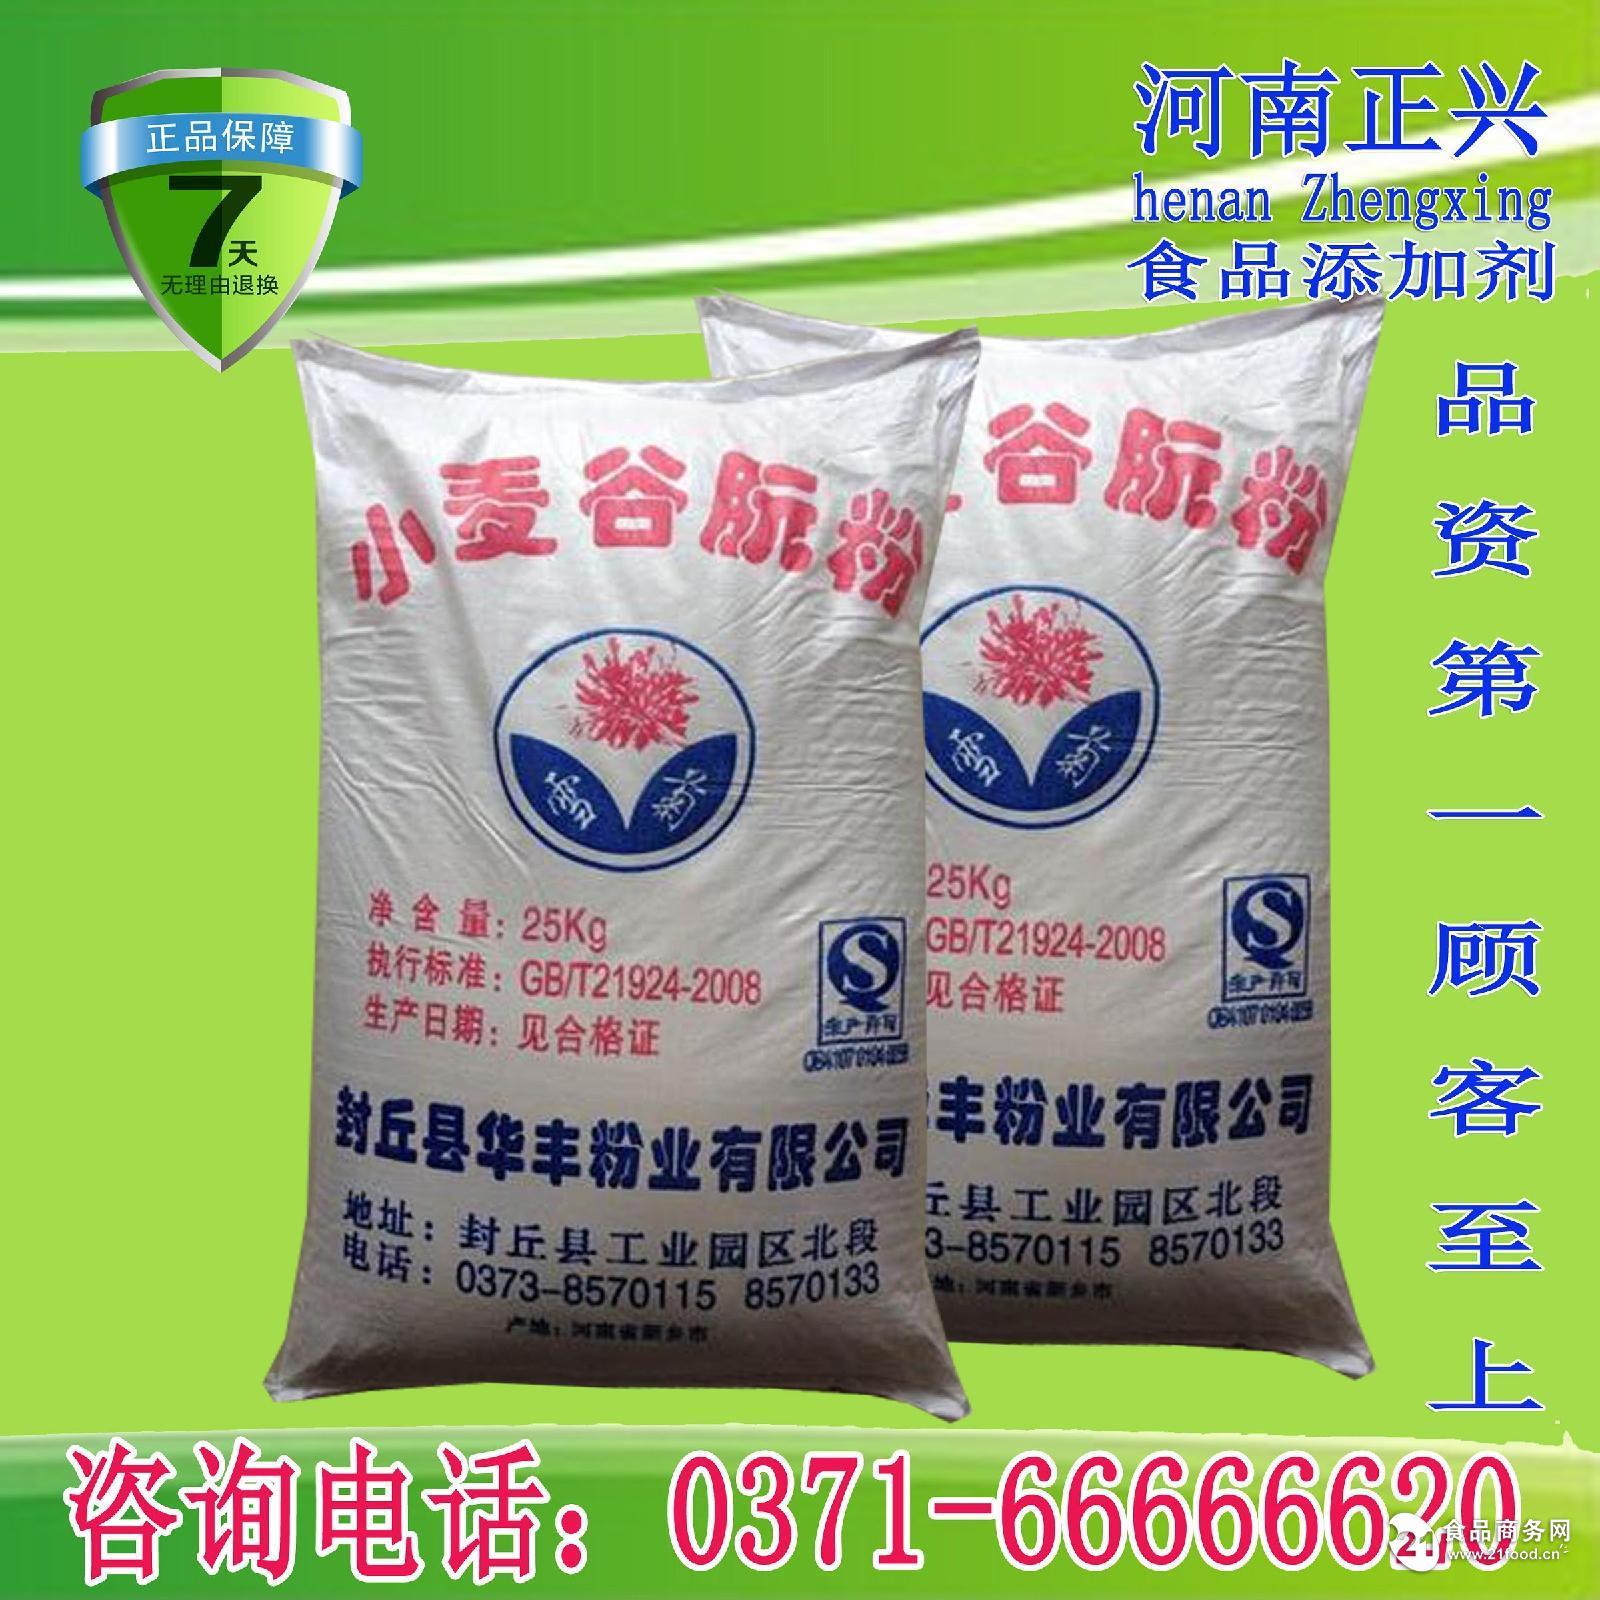 食品级 谷朊粉(面筋粉)